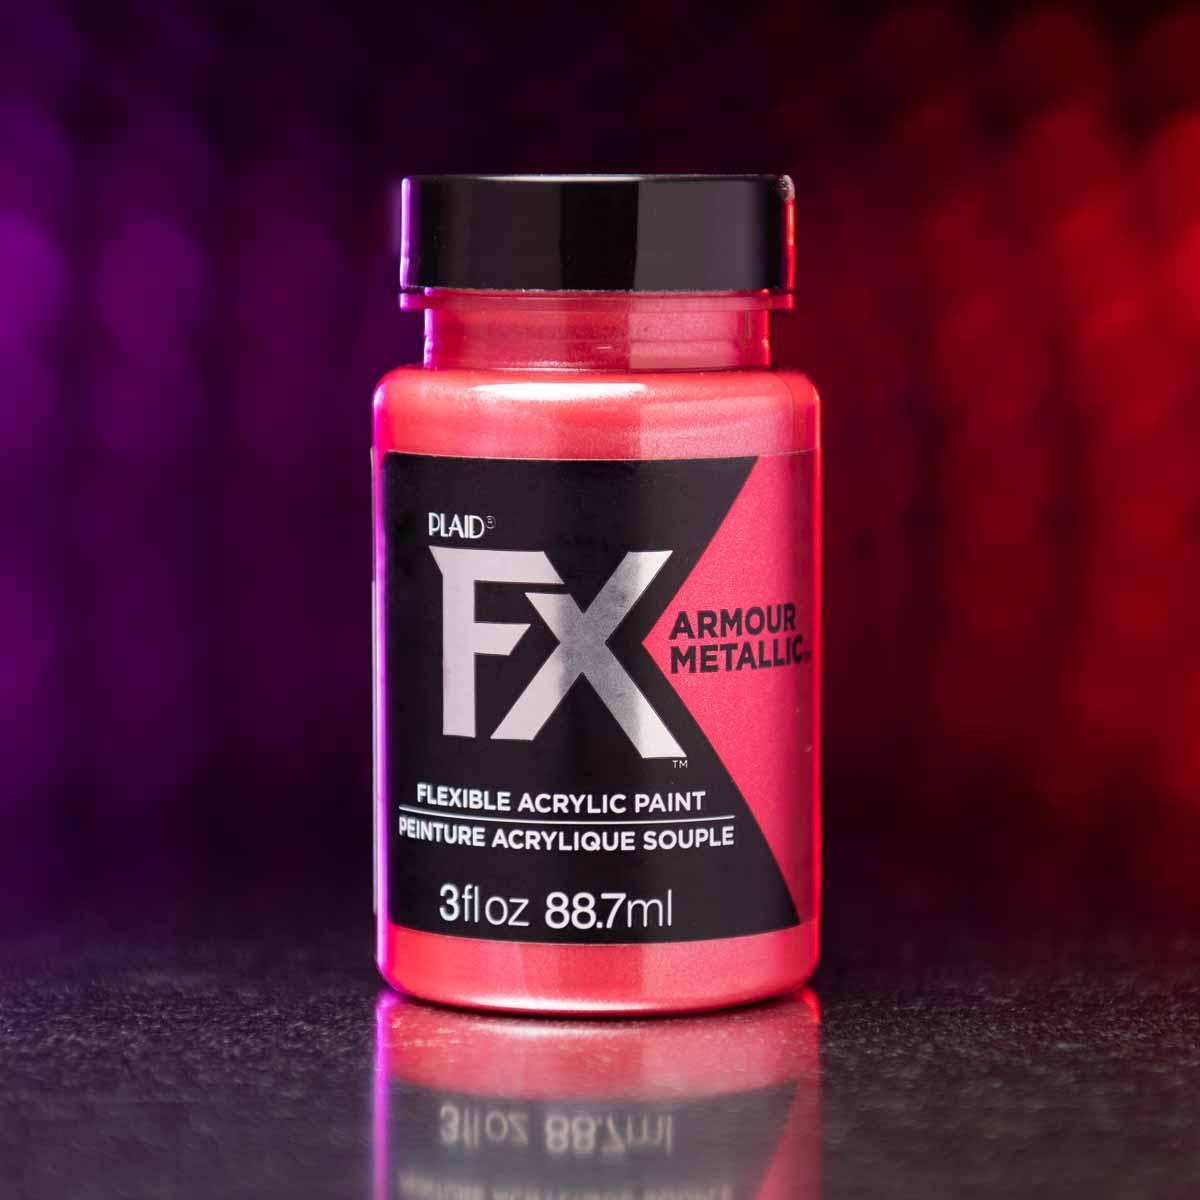 PlaidFX Armour Metal Flexible Acrylic Paint Set, 5 pc. - FXMETAL5PC